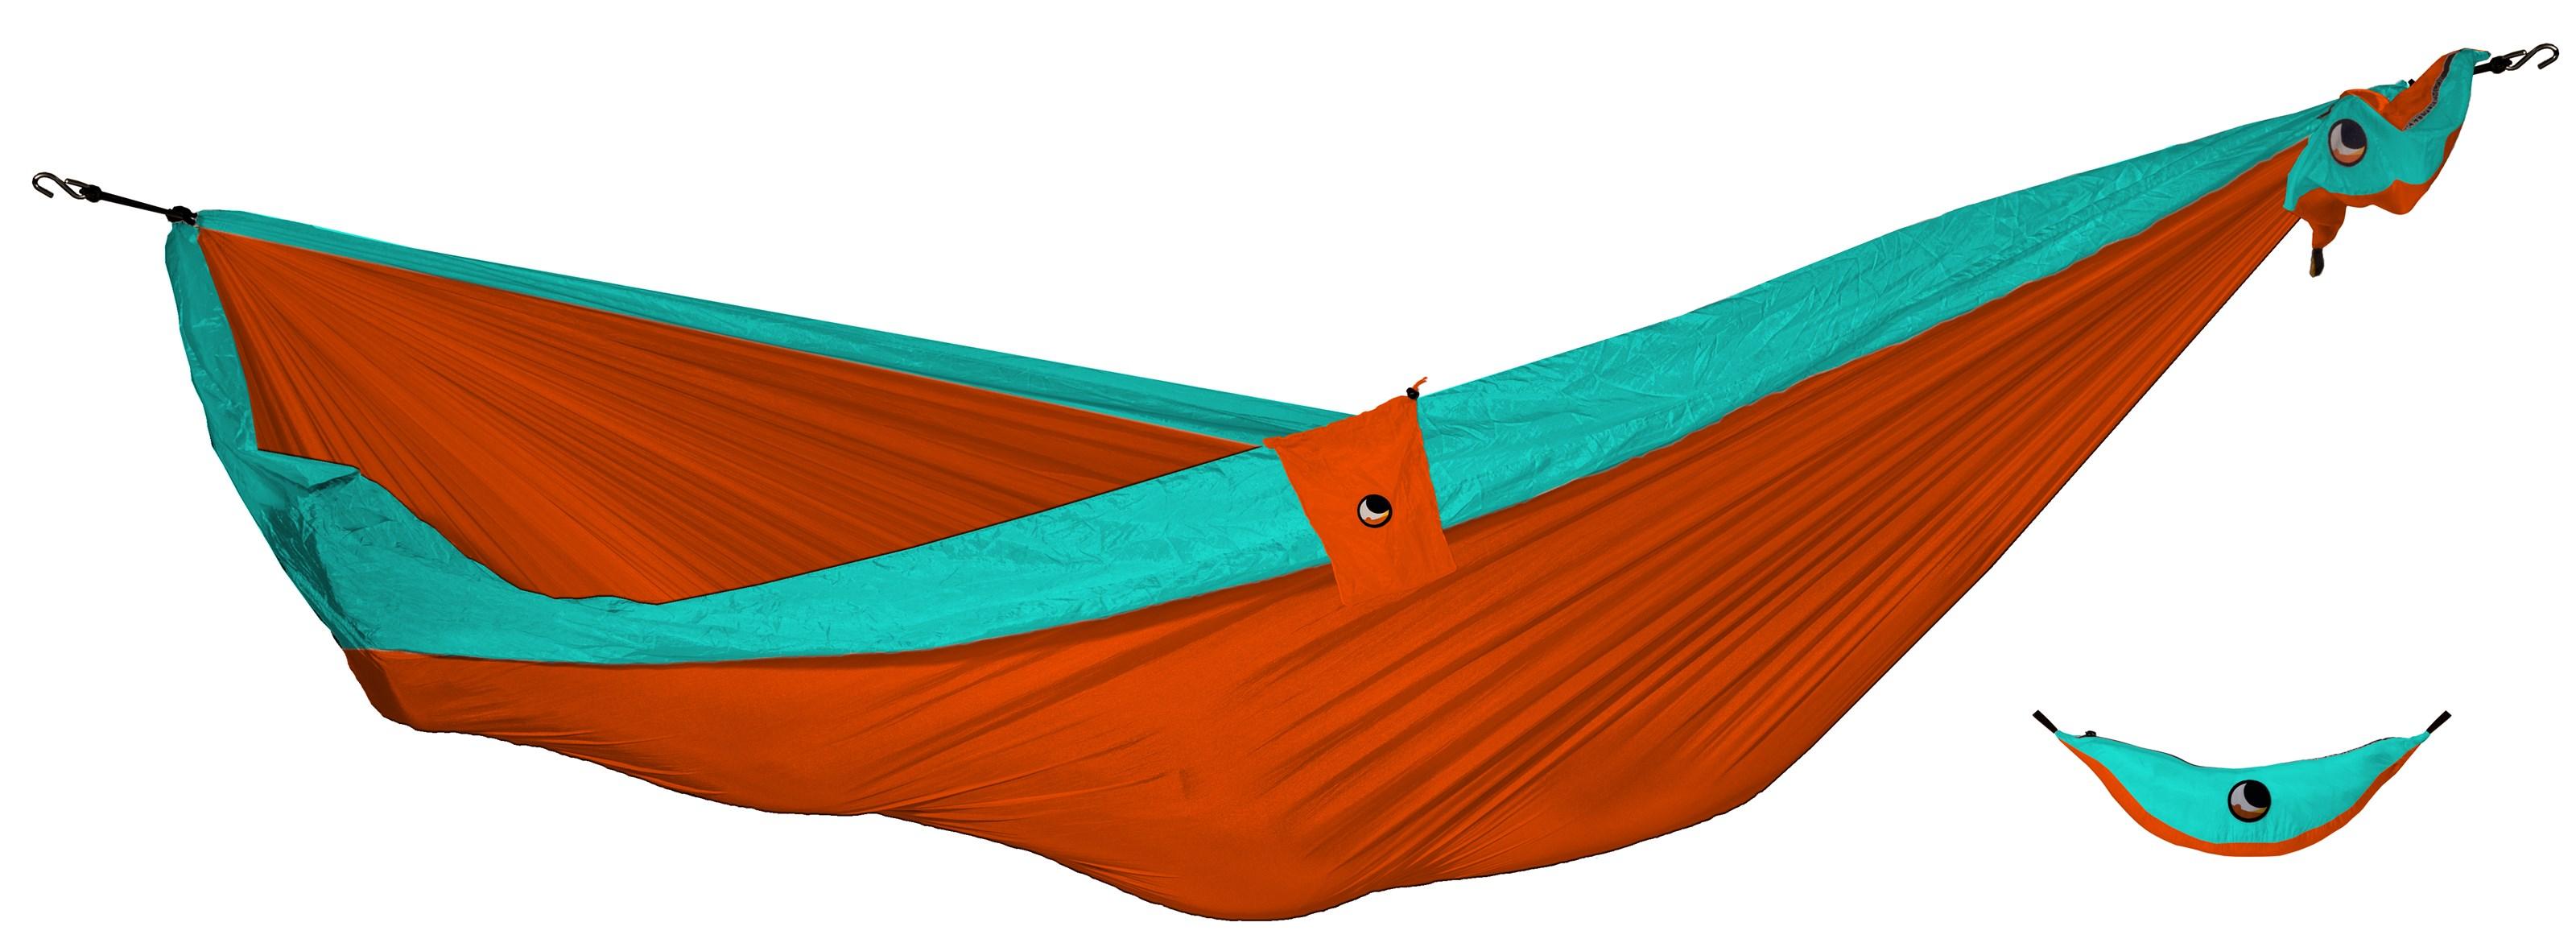 hammock6.jpg